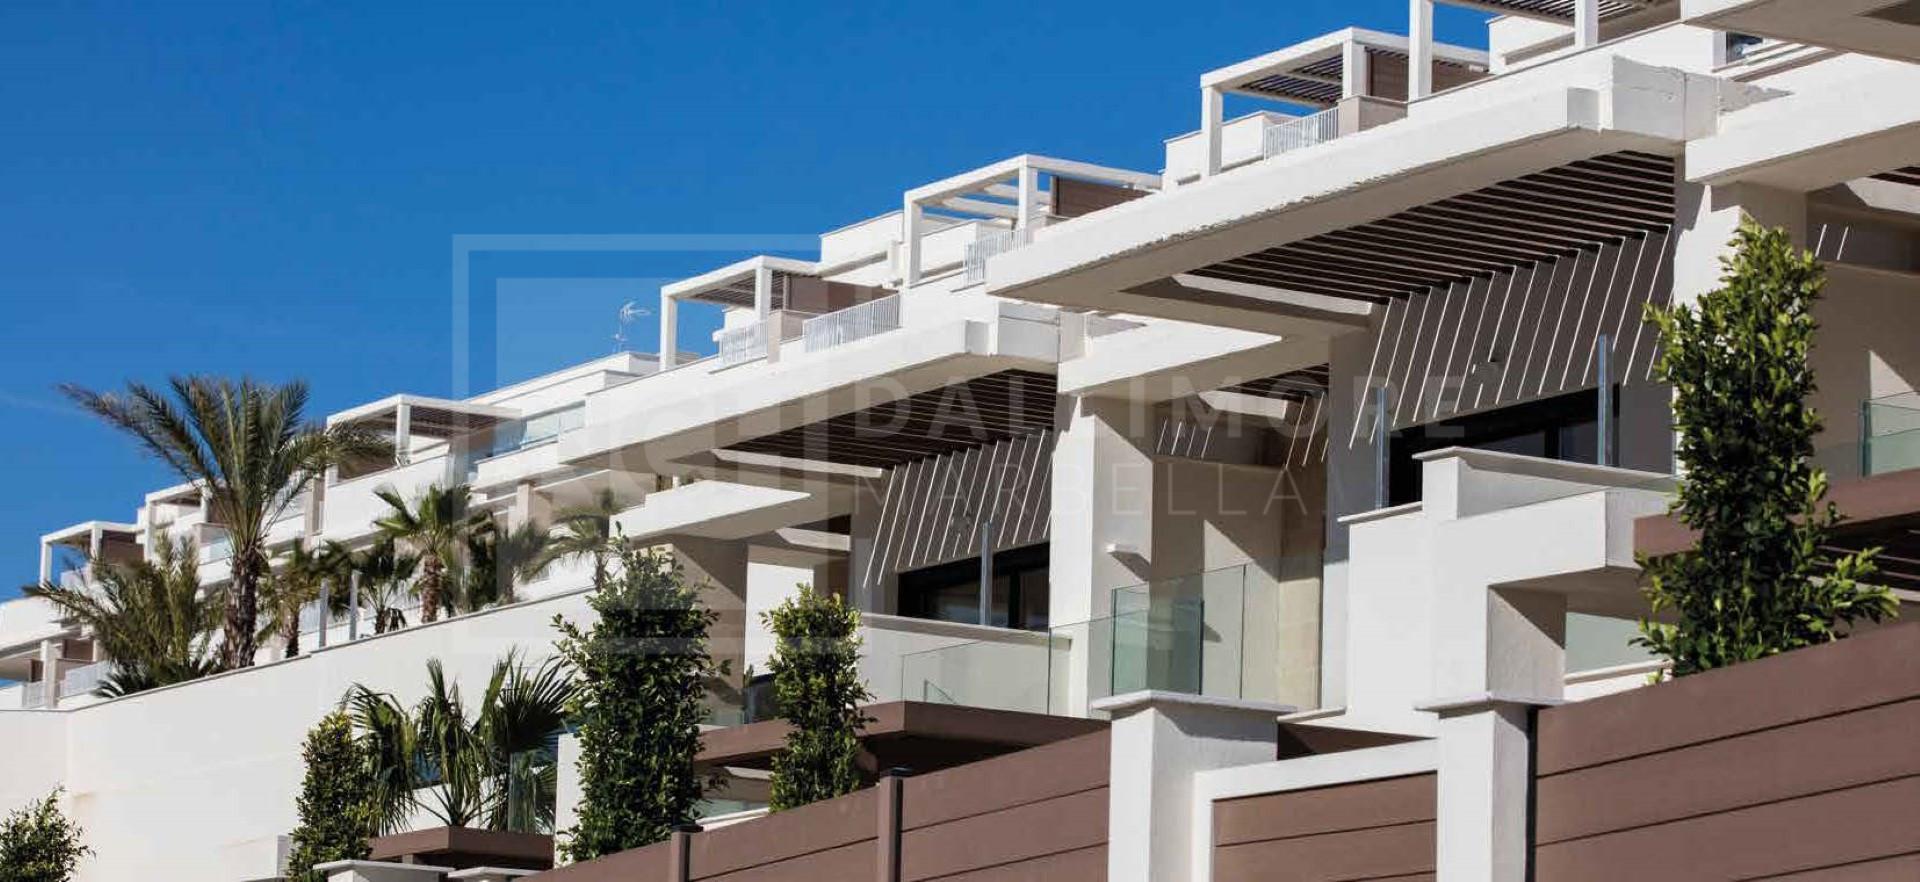 Penthouse Playamarina, Mijas Costa – NEWPH6777